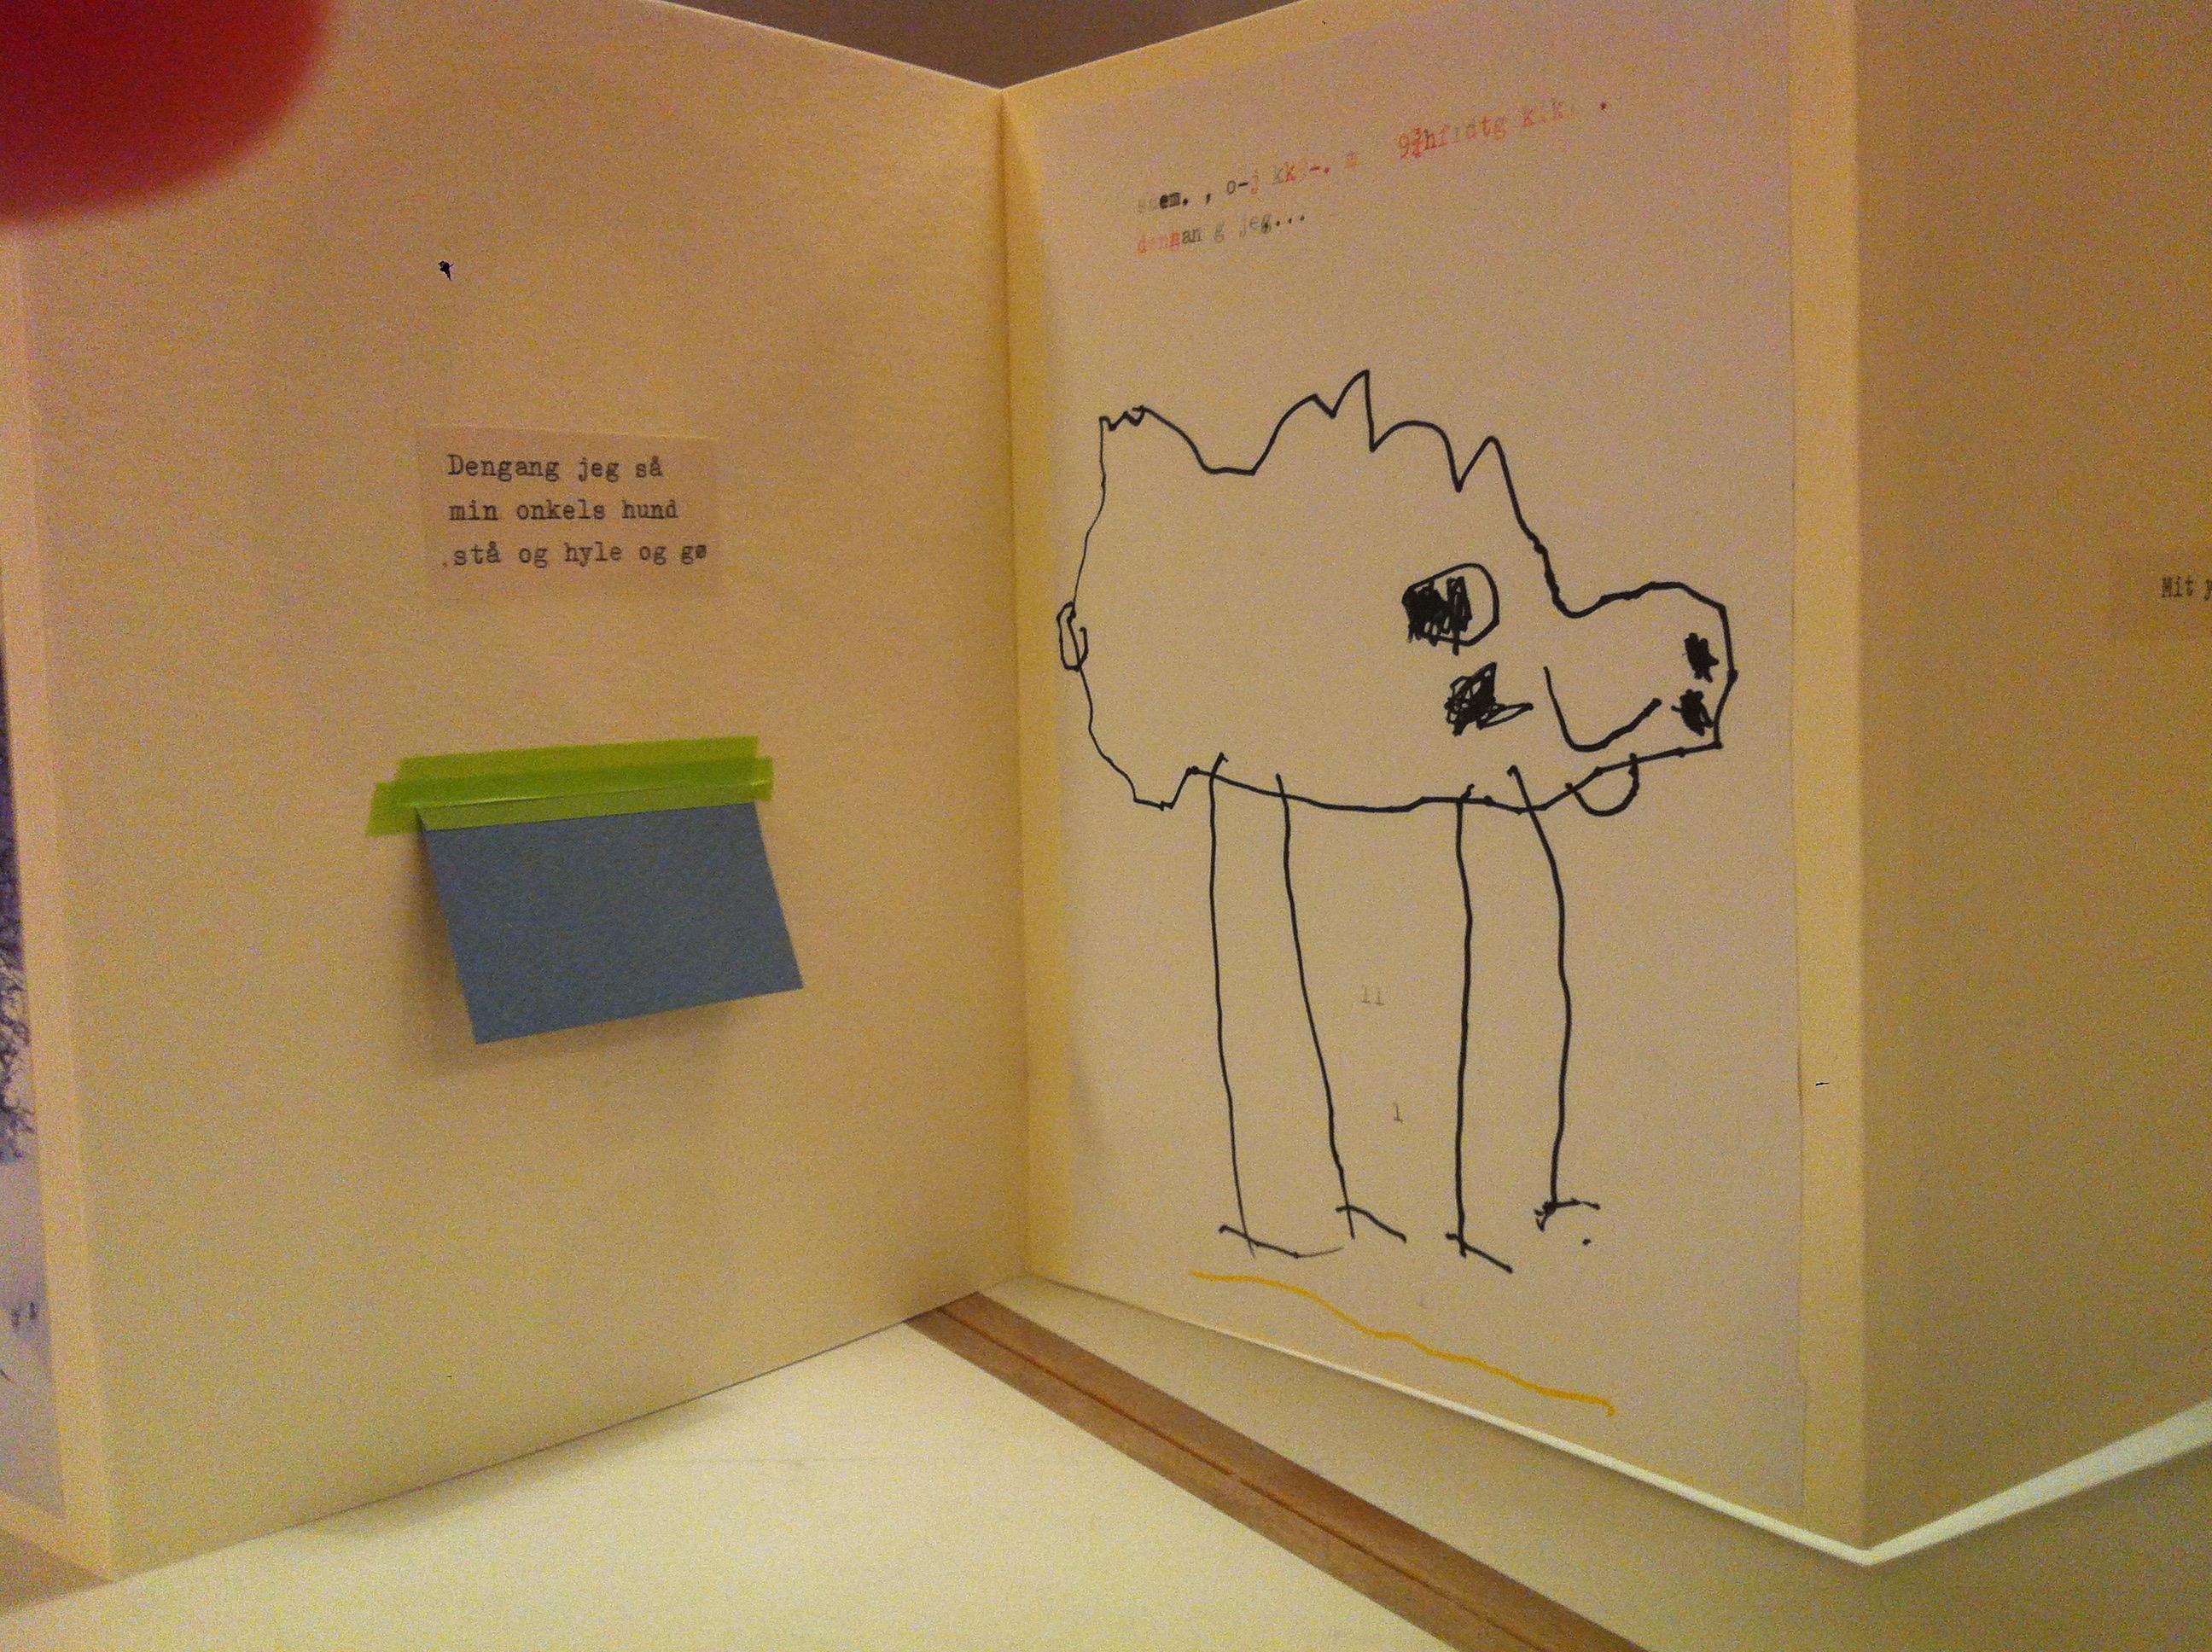 Skrøbelighed som nænsomhedens æstetik: Bogen om dig & mig